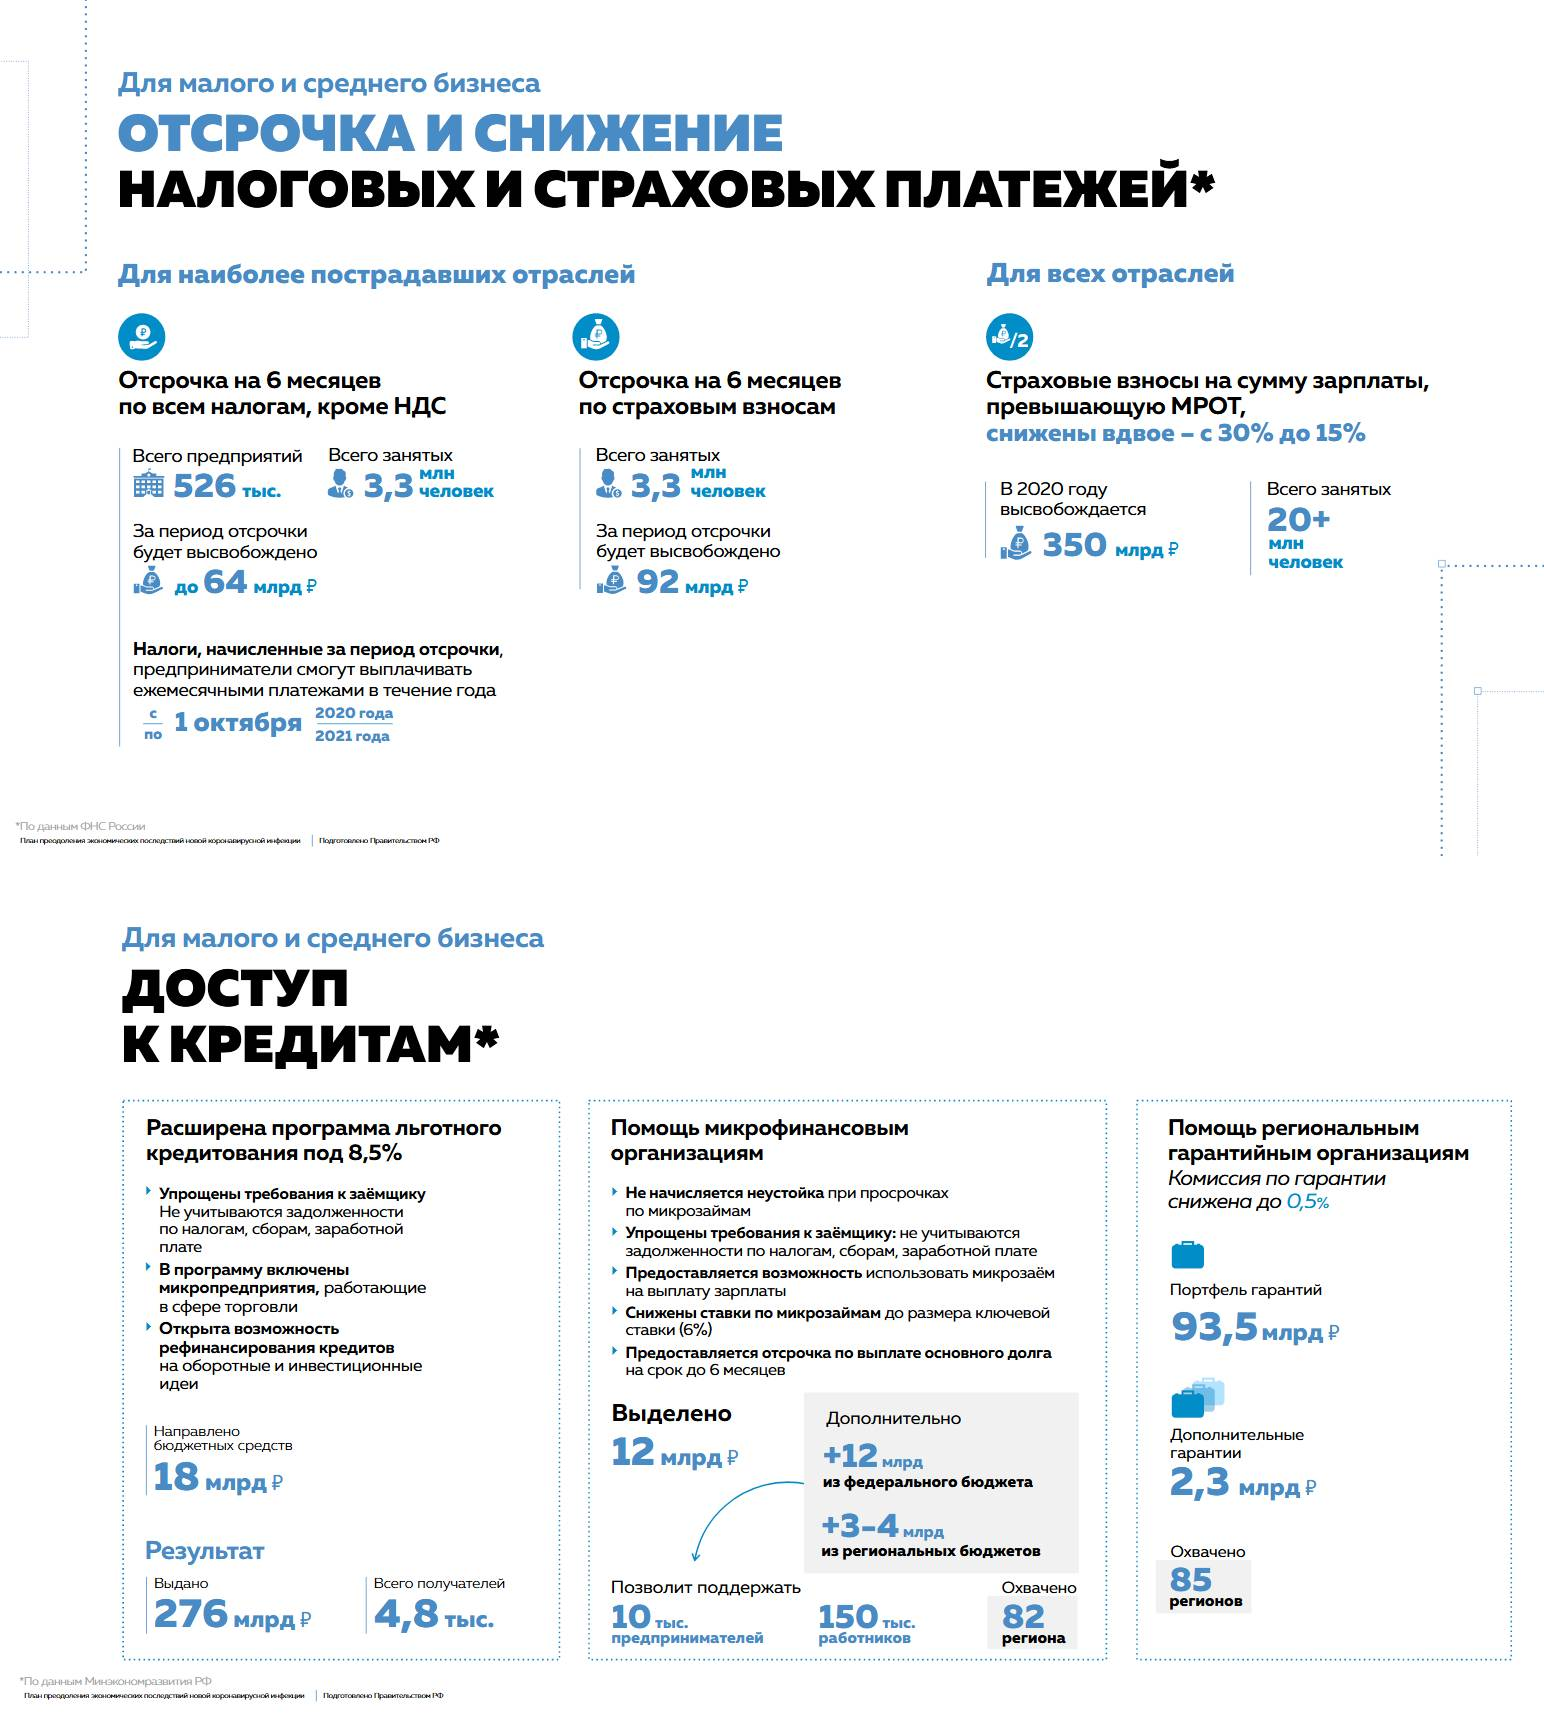 План преодоления экономических последствий коронавируса (20.05.2020г.)